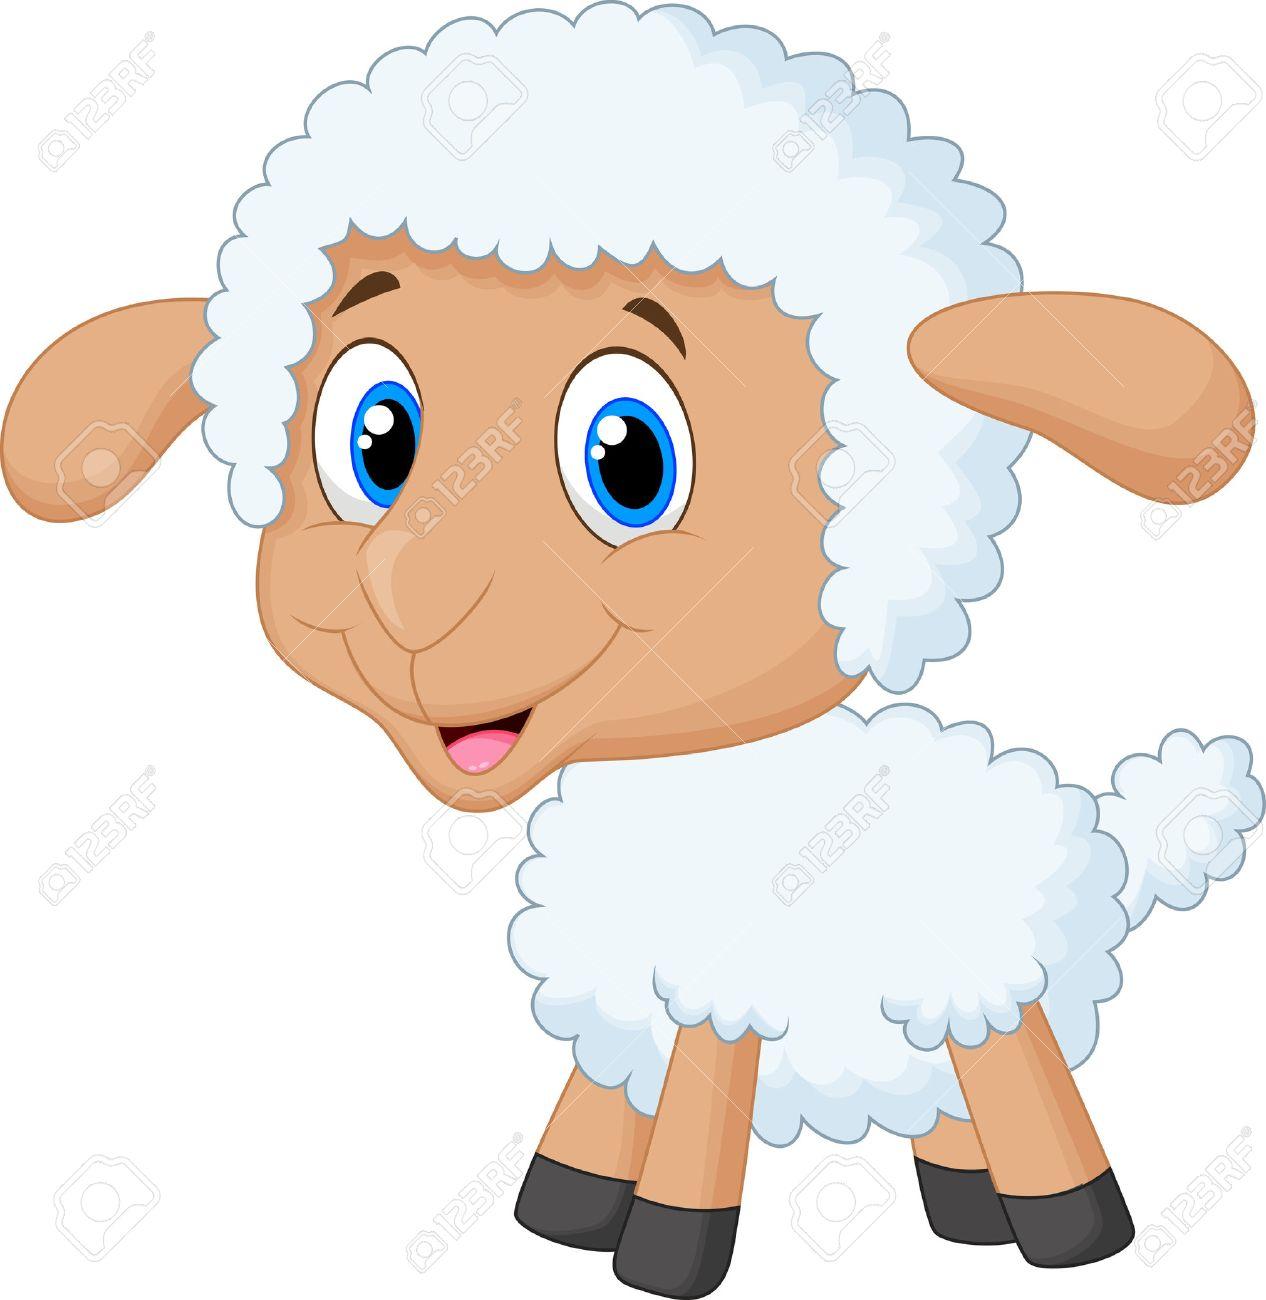 cute lamb cartoon royalty free cliparts vectors and stock rh 123rf com Cartoon Horse Cartoon Sheep